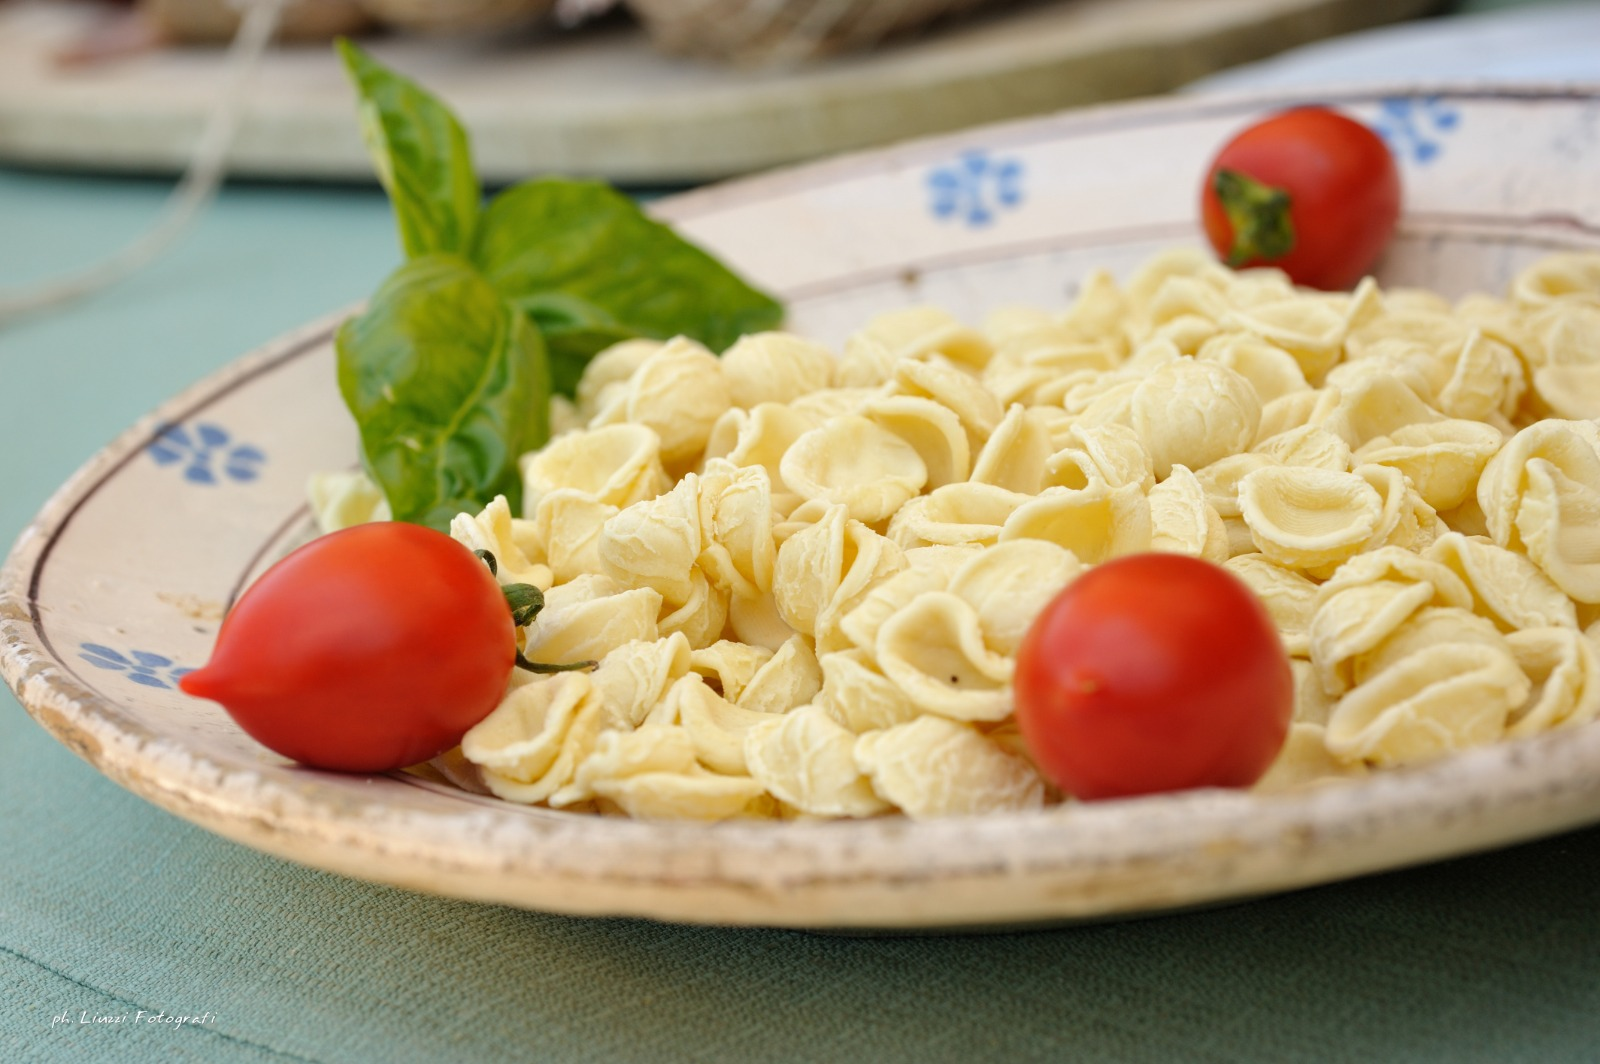 Corso di cucina pugliese a firenze firenze urban lifestyle - Corsi di cucina bari ...